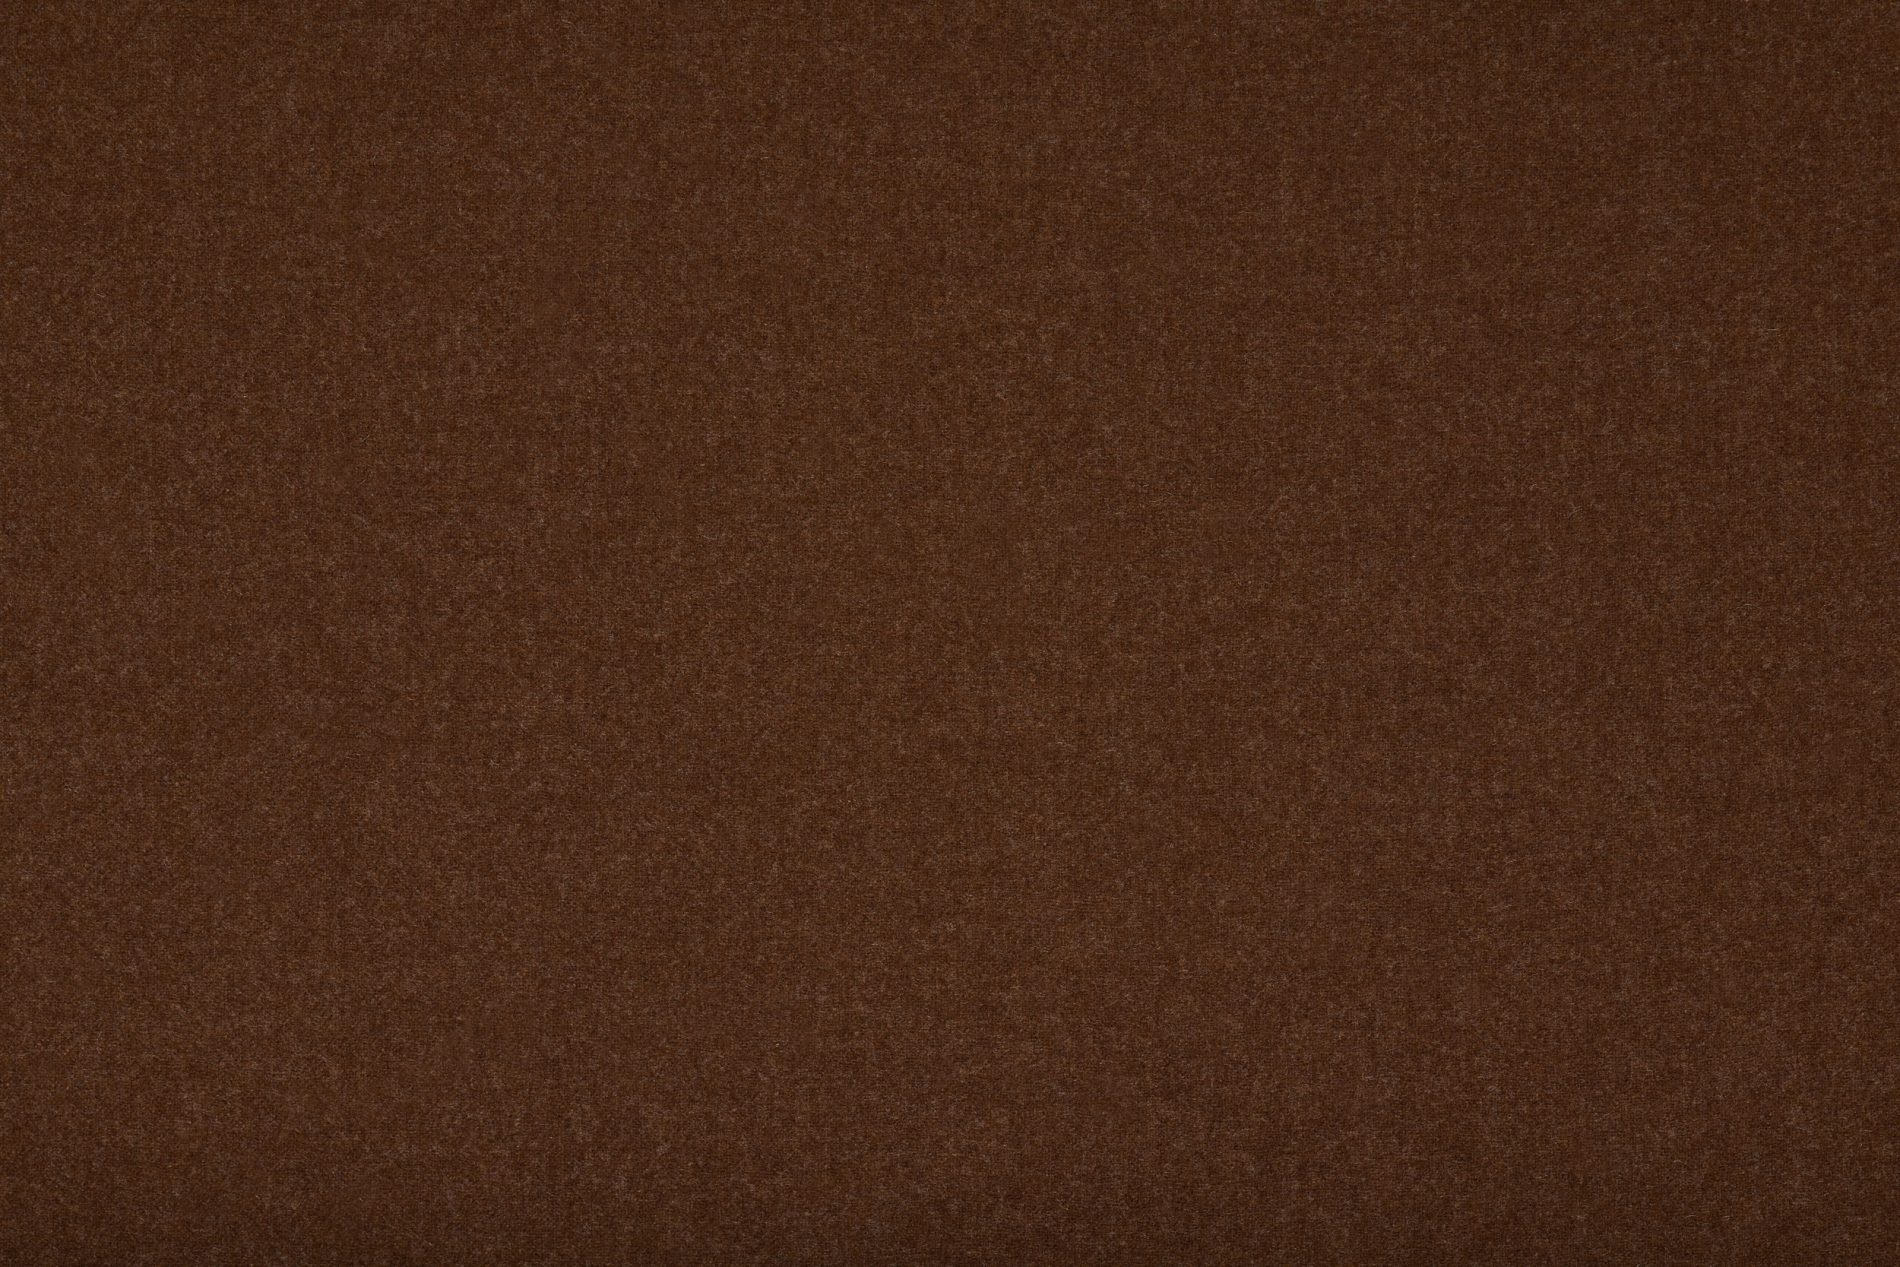 PURE 360 Plain Merino wool (19/5076)